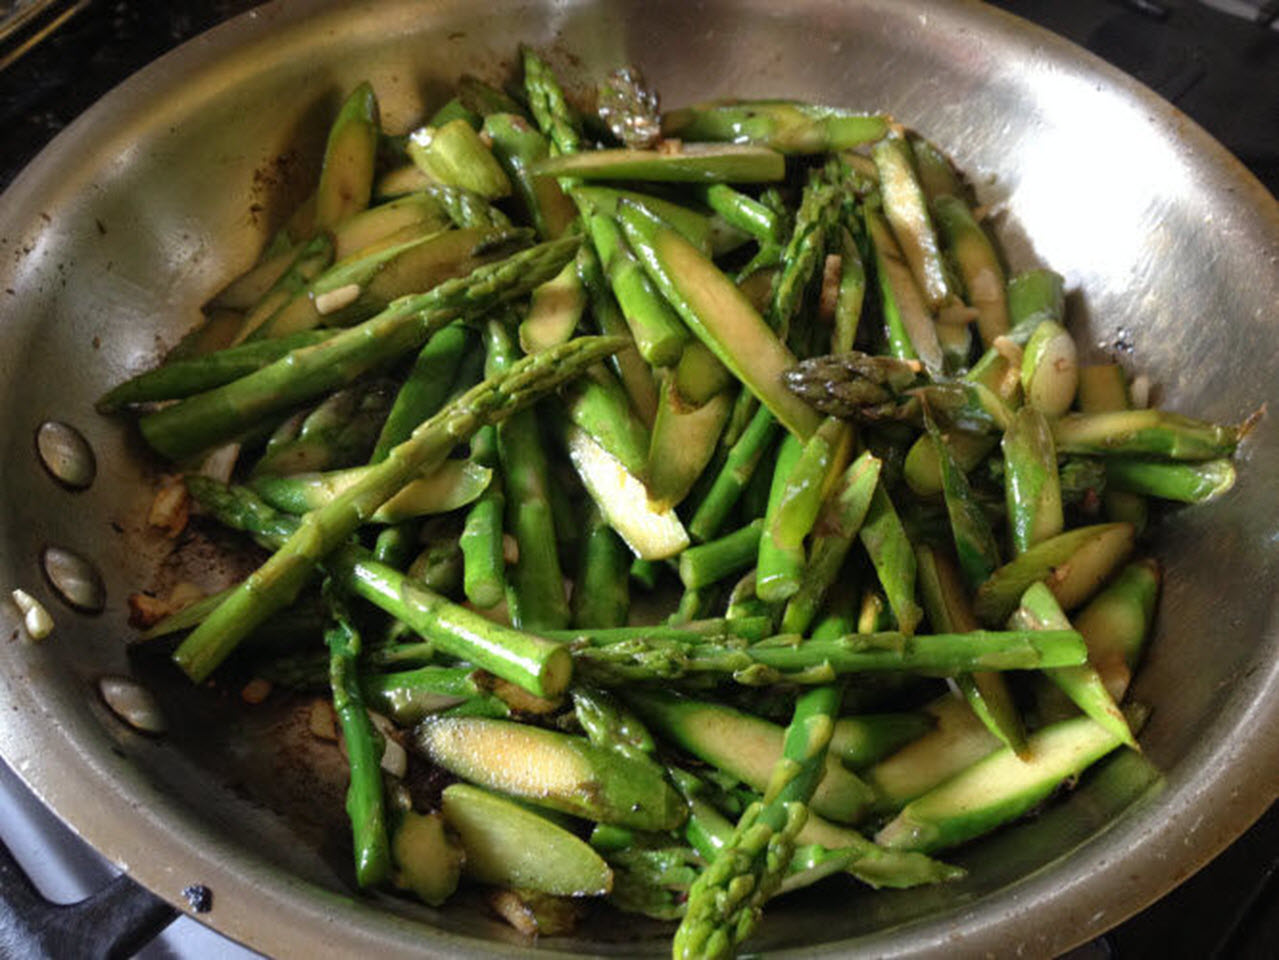 Quick Asparagus Stir-Fry